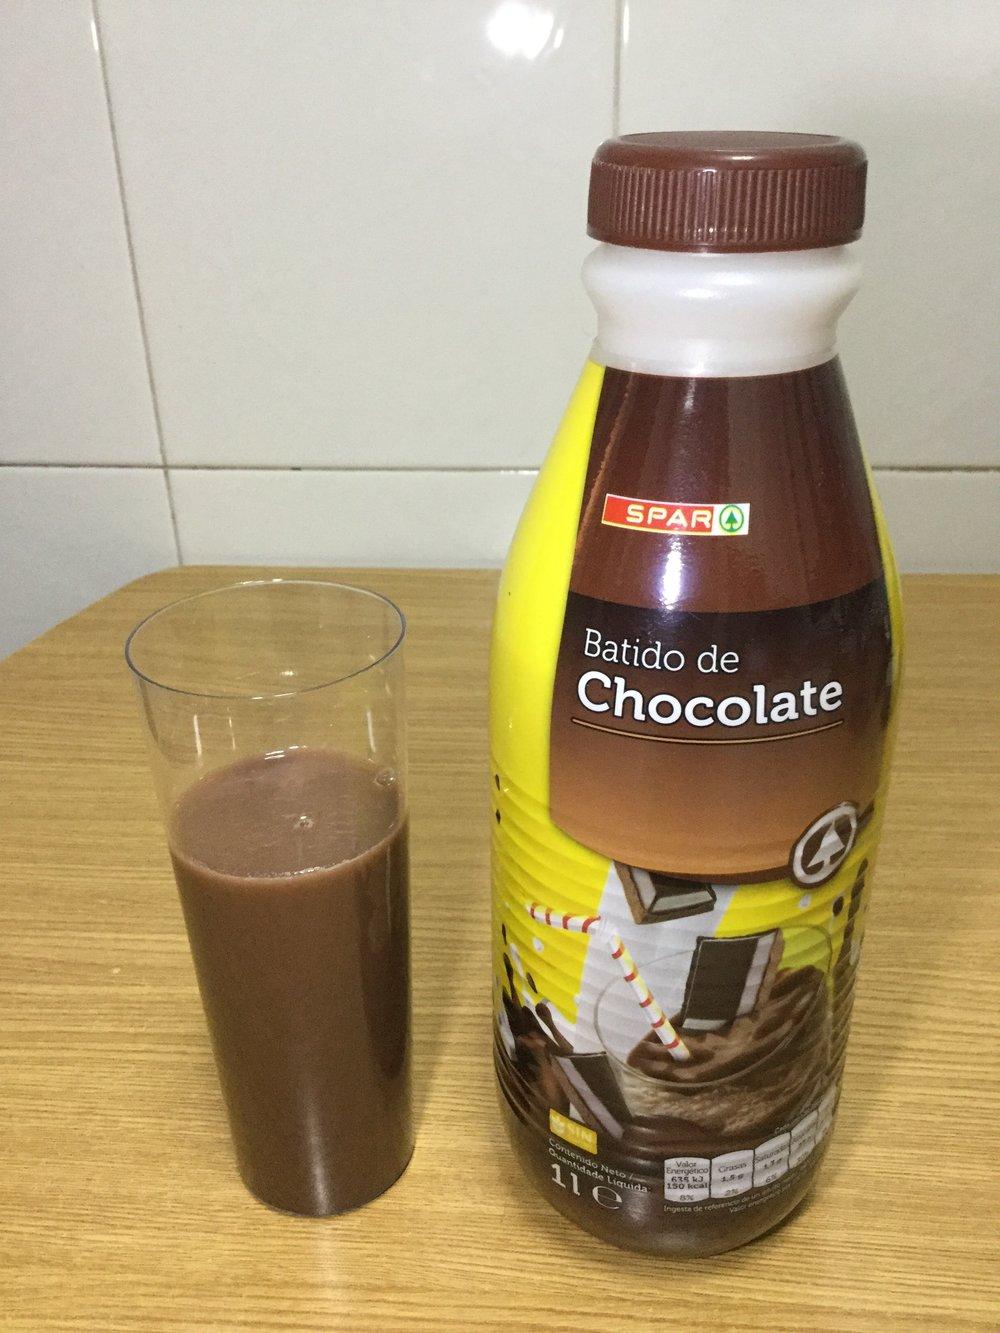 Spar Batido De Chocolate Cup